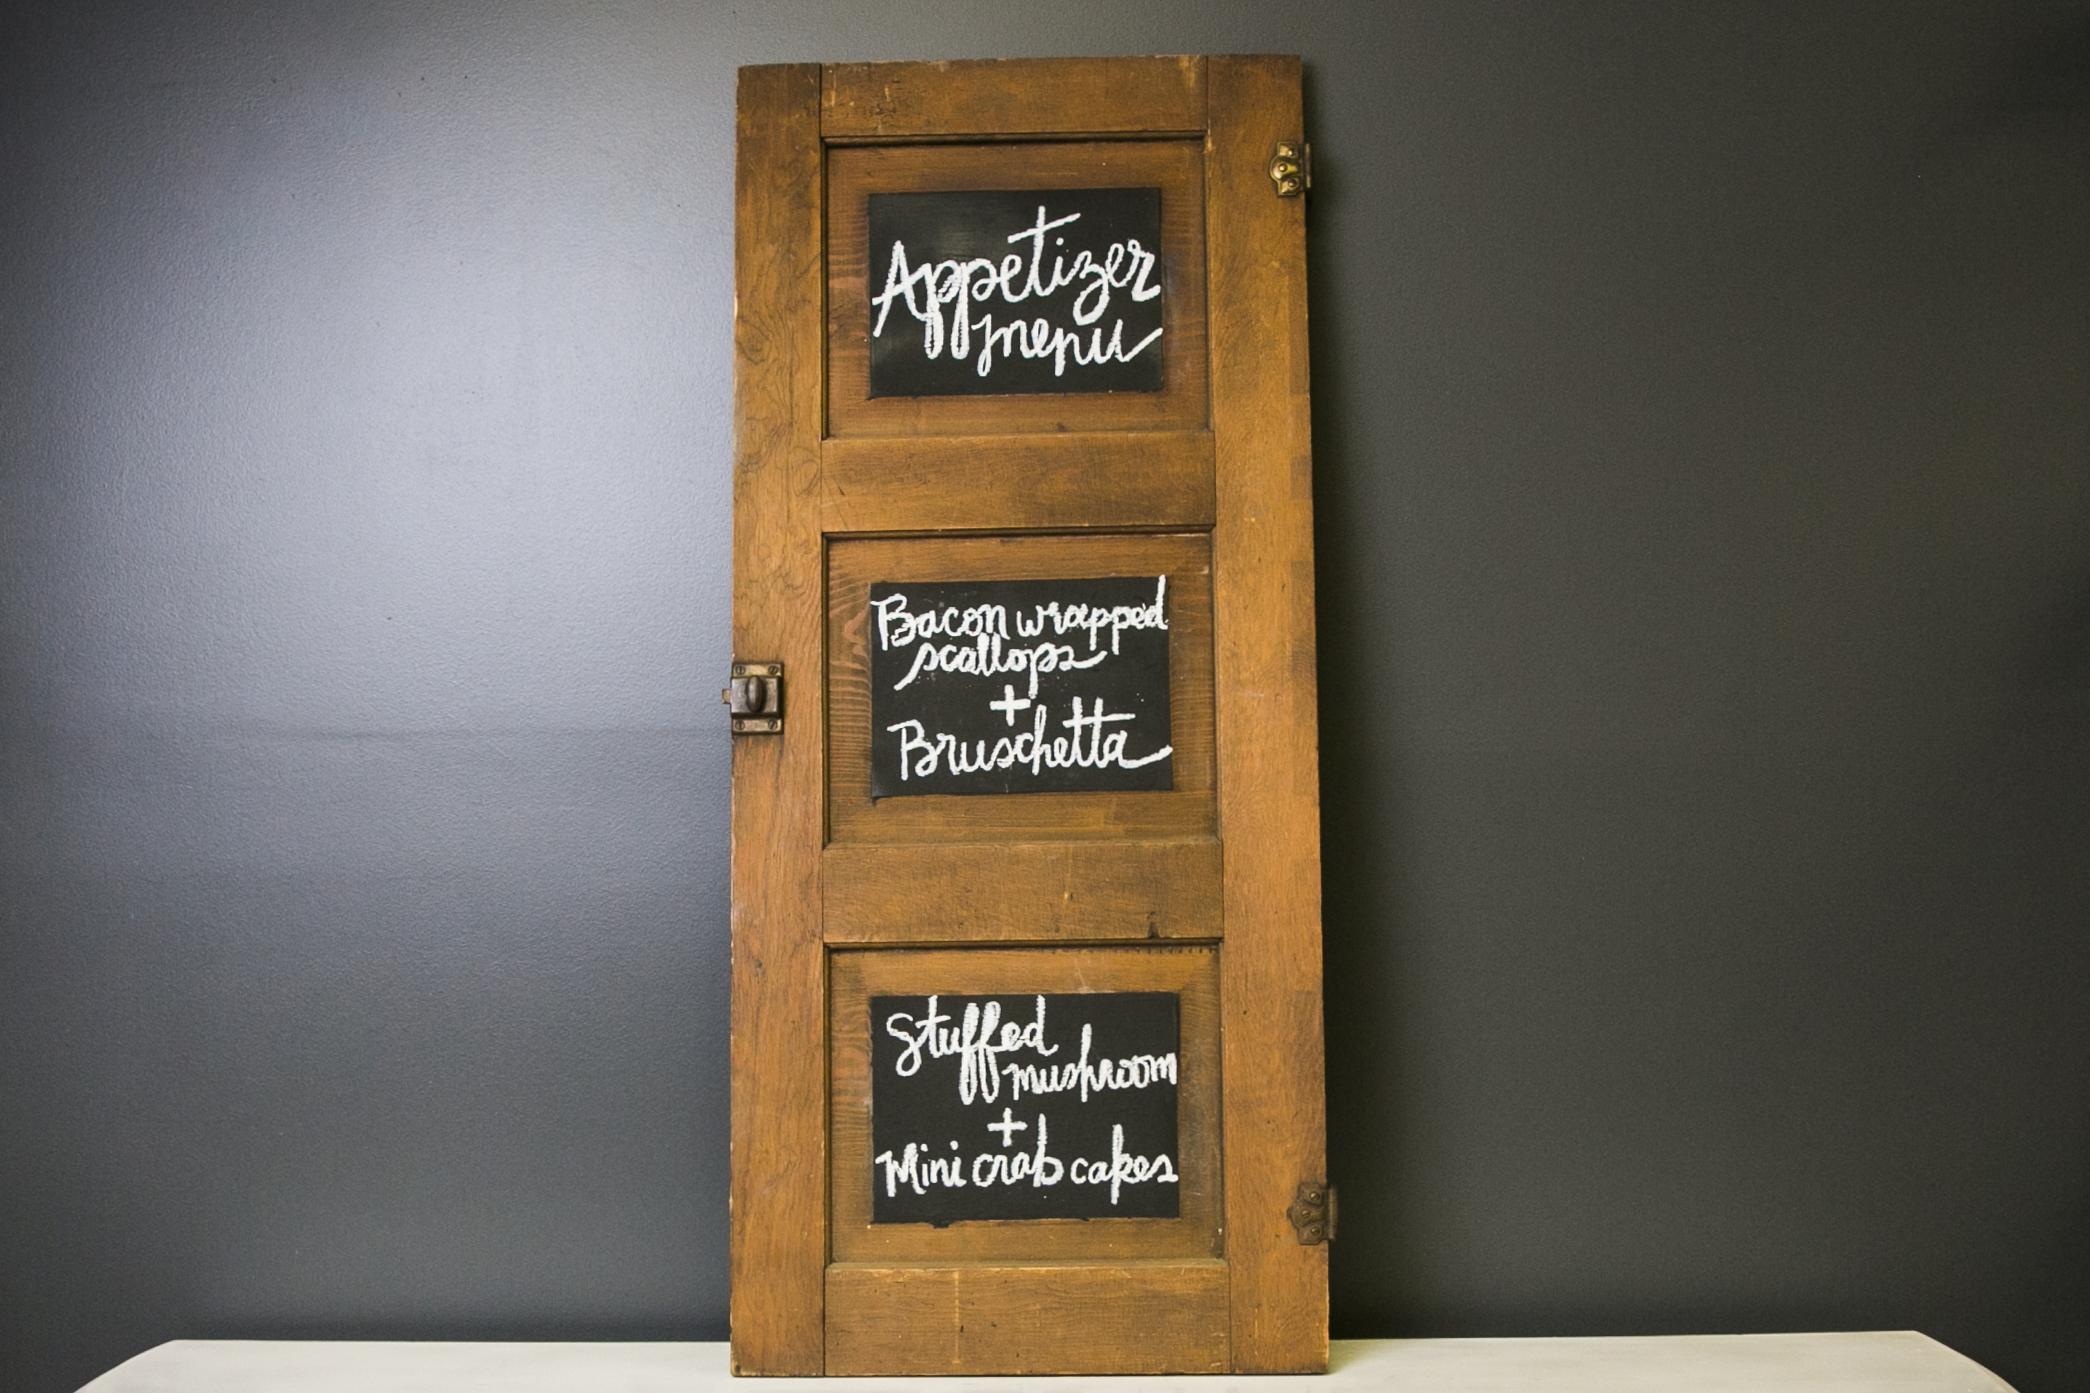 Conrad Vintage Cabinet Door 40.5 x 17.75 (Chalkboard)